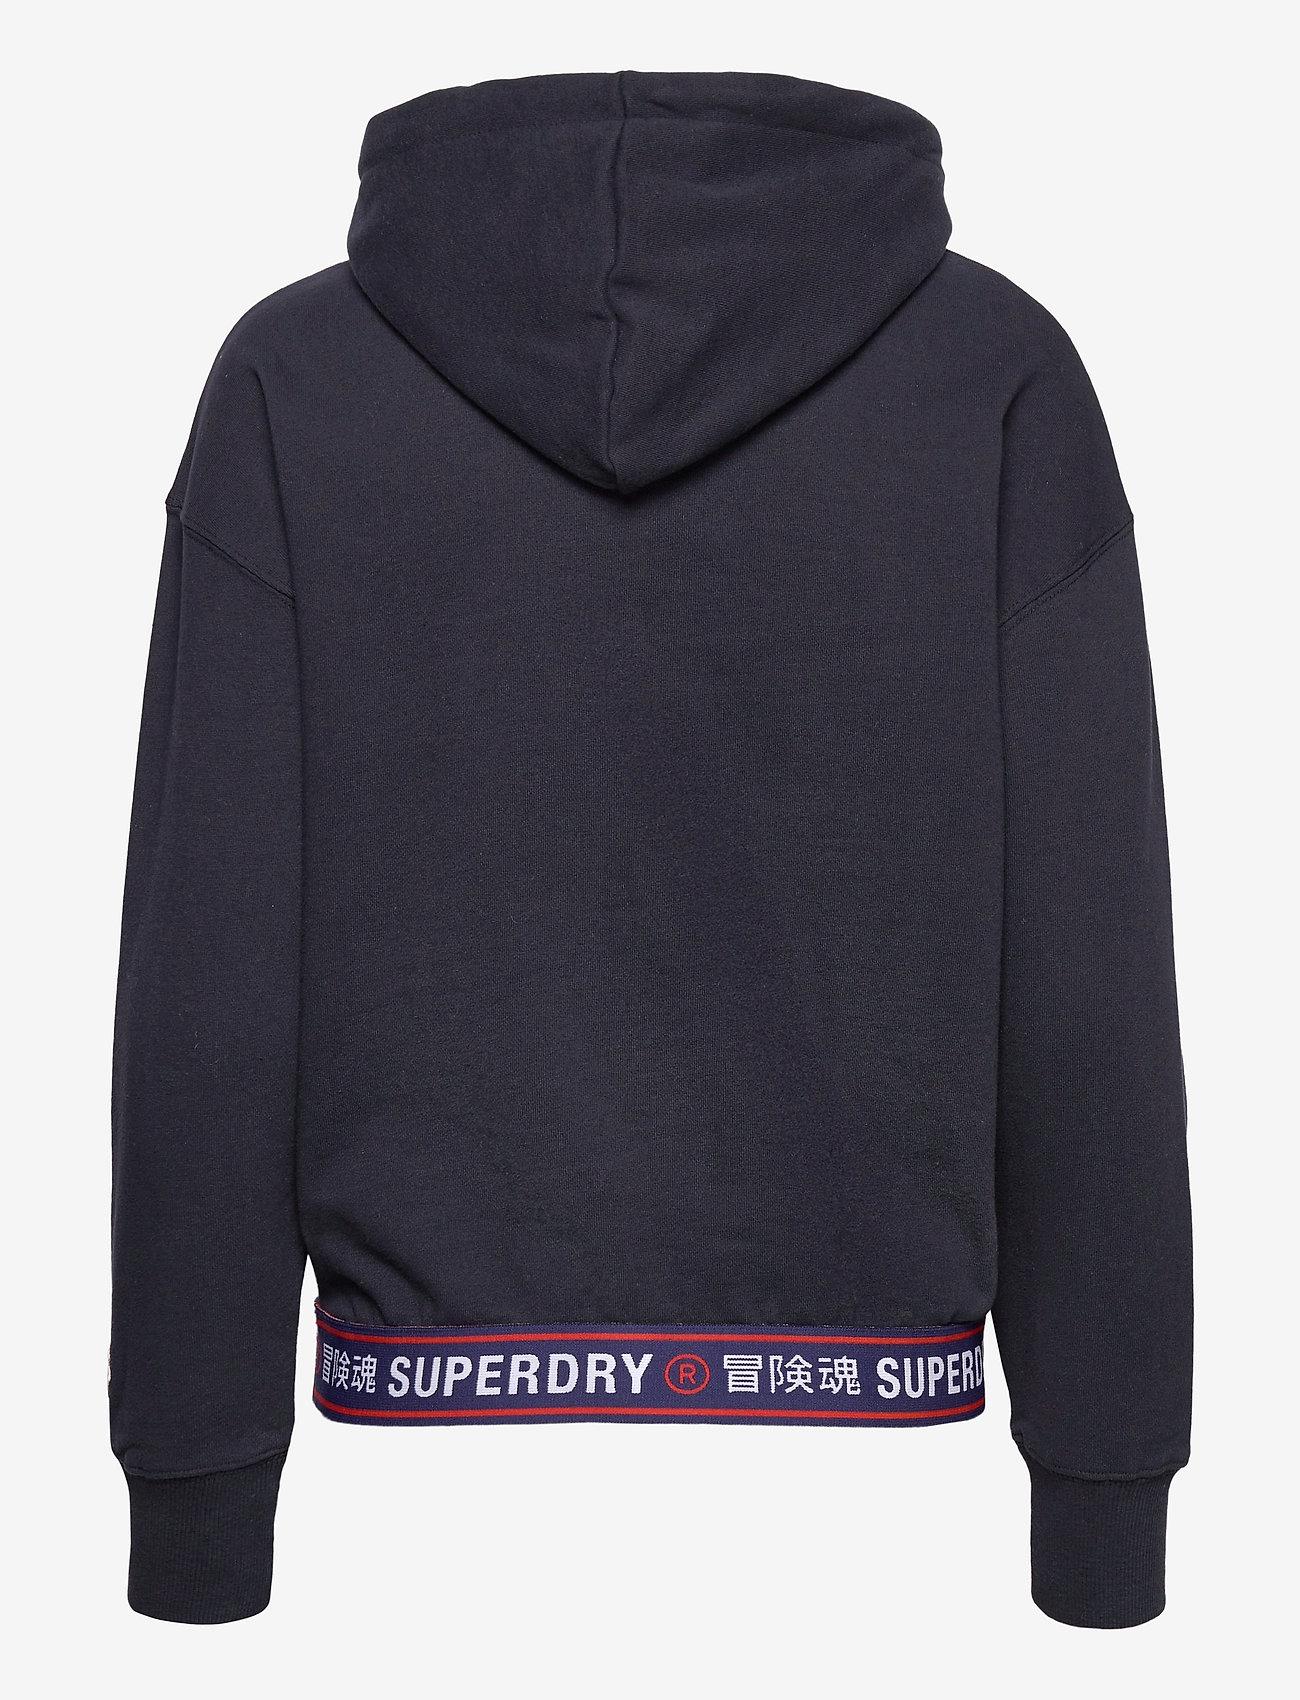 Superdry - SPORTSTYLE CHENILLE HOOD - hoodies - deep navy - 1